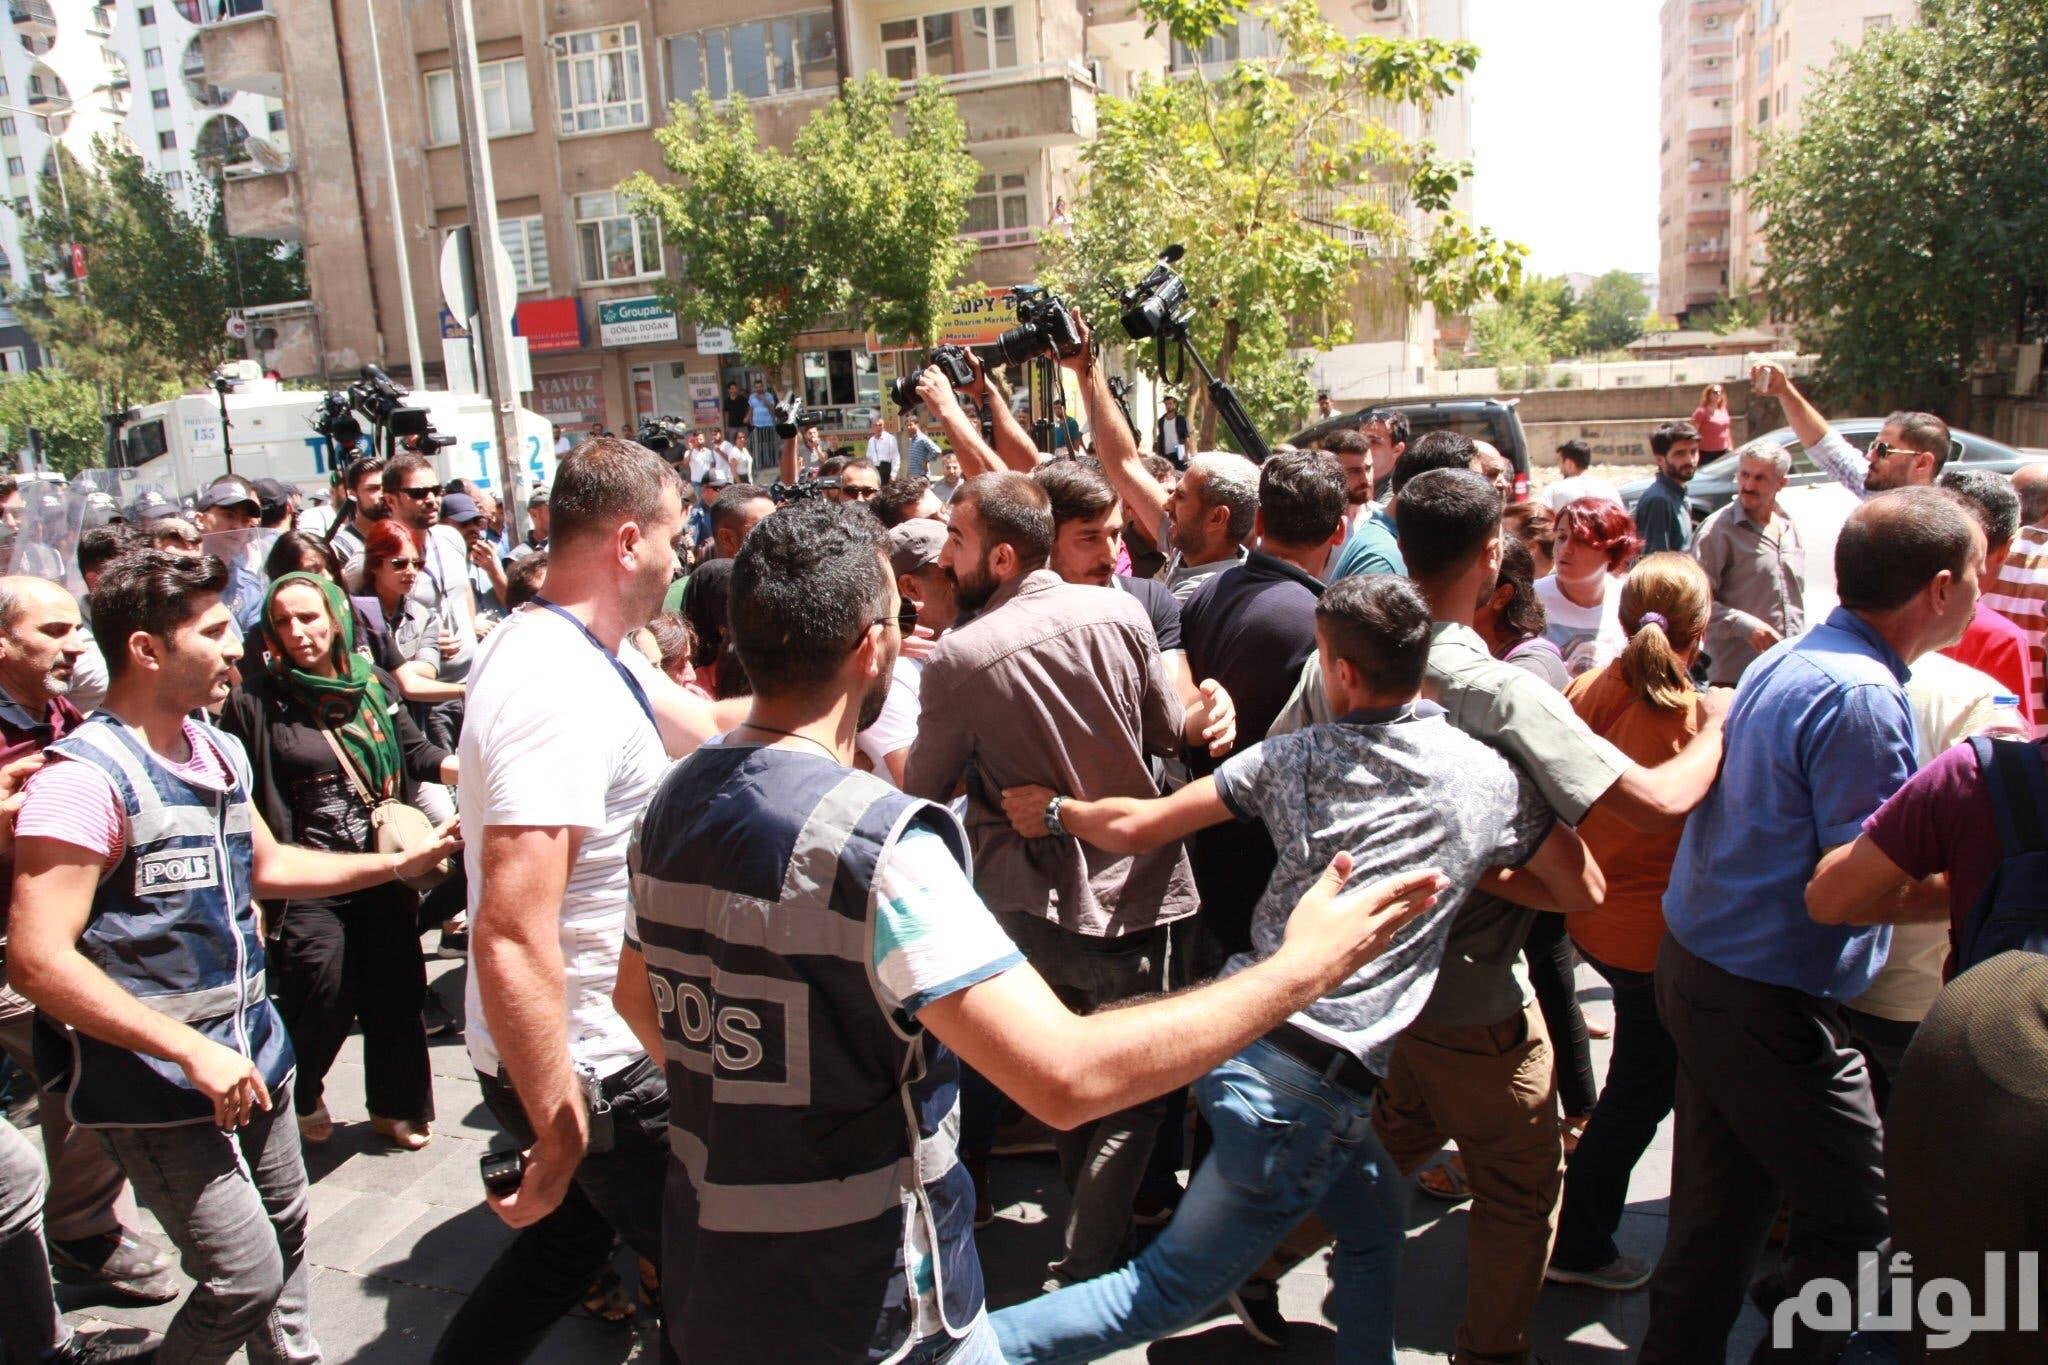 بالوثائق.. تقارير تركية تكشف: أردوغان ووزير داخليته حصلا على هدايا مقابل تعيين رؤساء بلديات بدلا من الأكراد